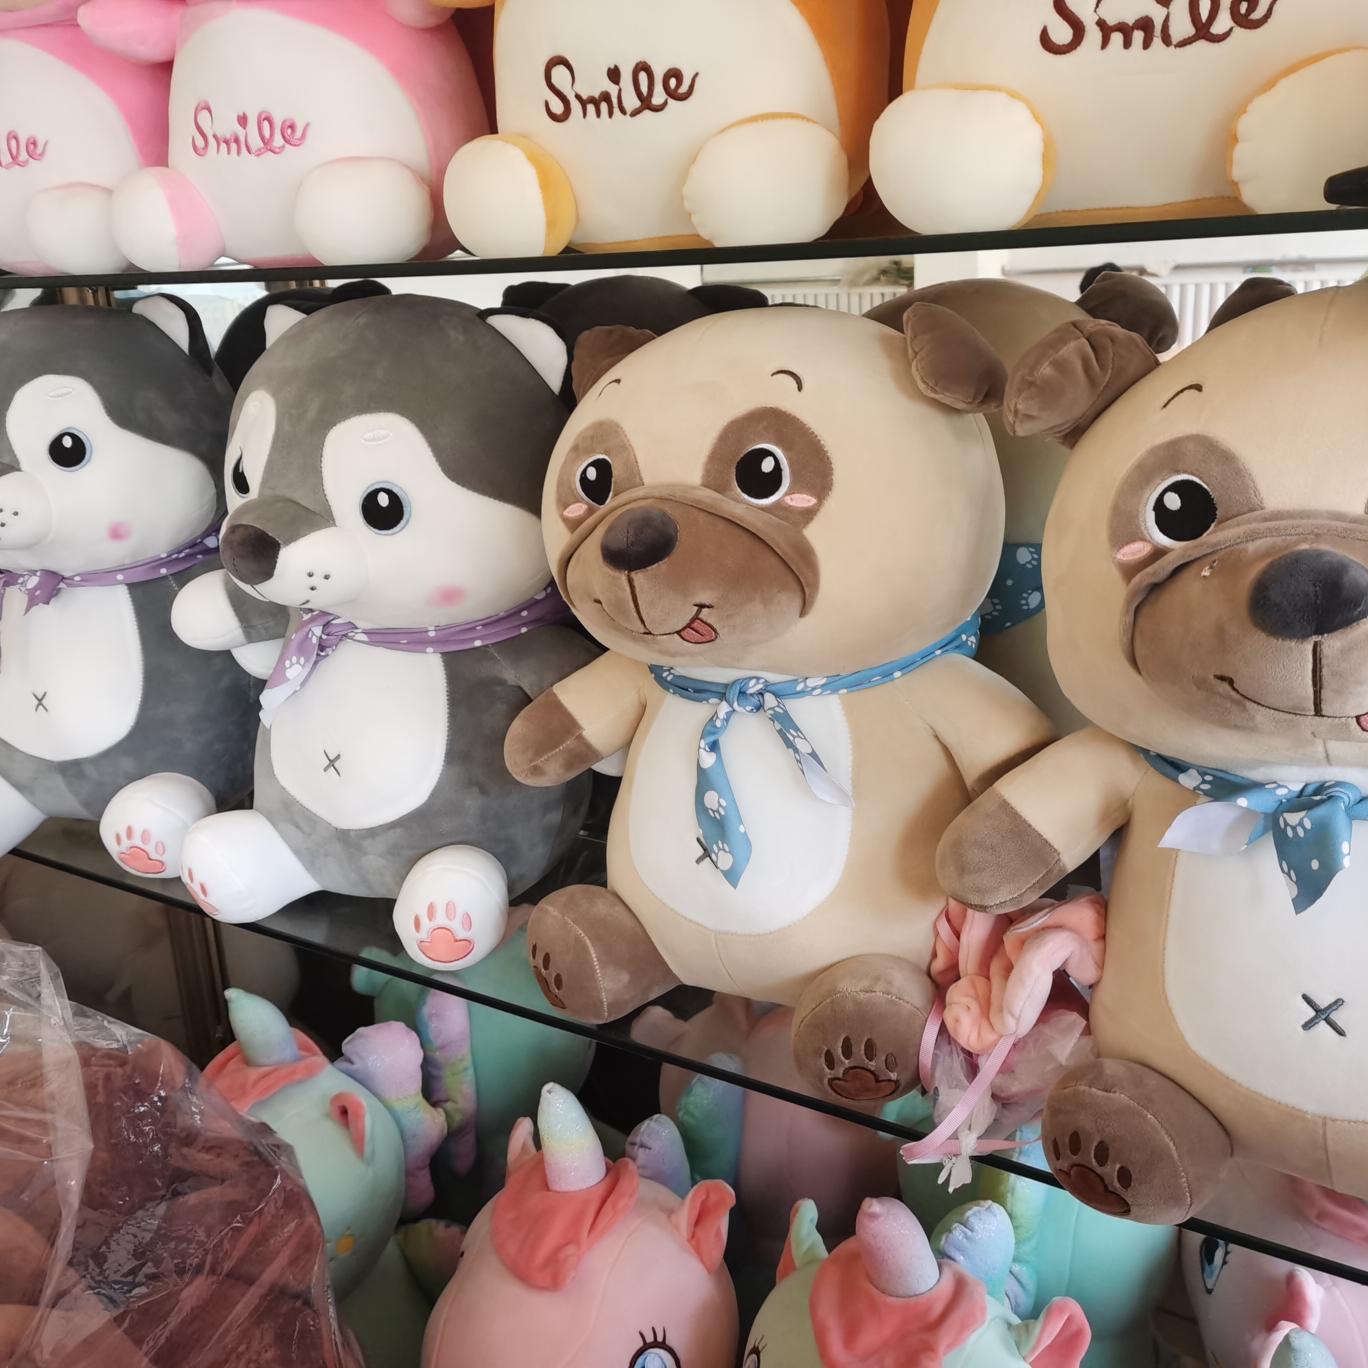 梦幻毛绒玩具围巾皱皮狗哈士齐0777摊位精品毛绒玩具